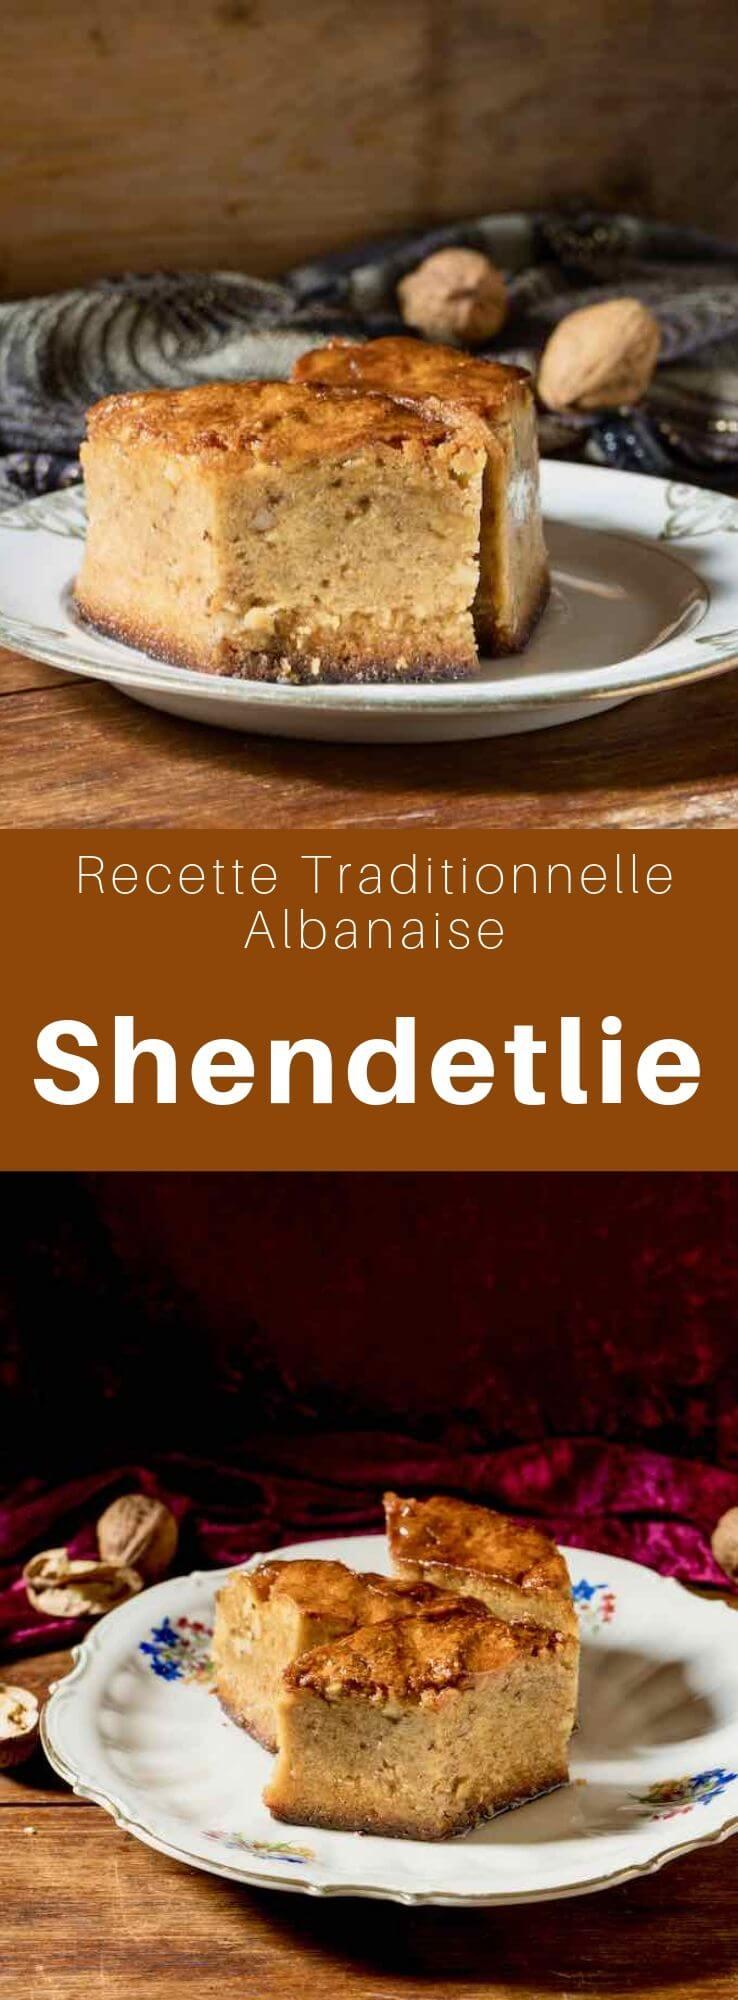 Le shendetlie est un délicieux gâteau traditionnel originaire d'Albanie, à base de miel et de noix et imbibé d'un sirop de sucre. #Albanie #RecetteAlbanaise #CuisineAlbanaise #Balkans #CuisineDuMonde #196flavors